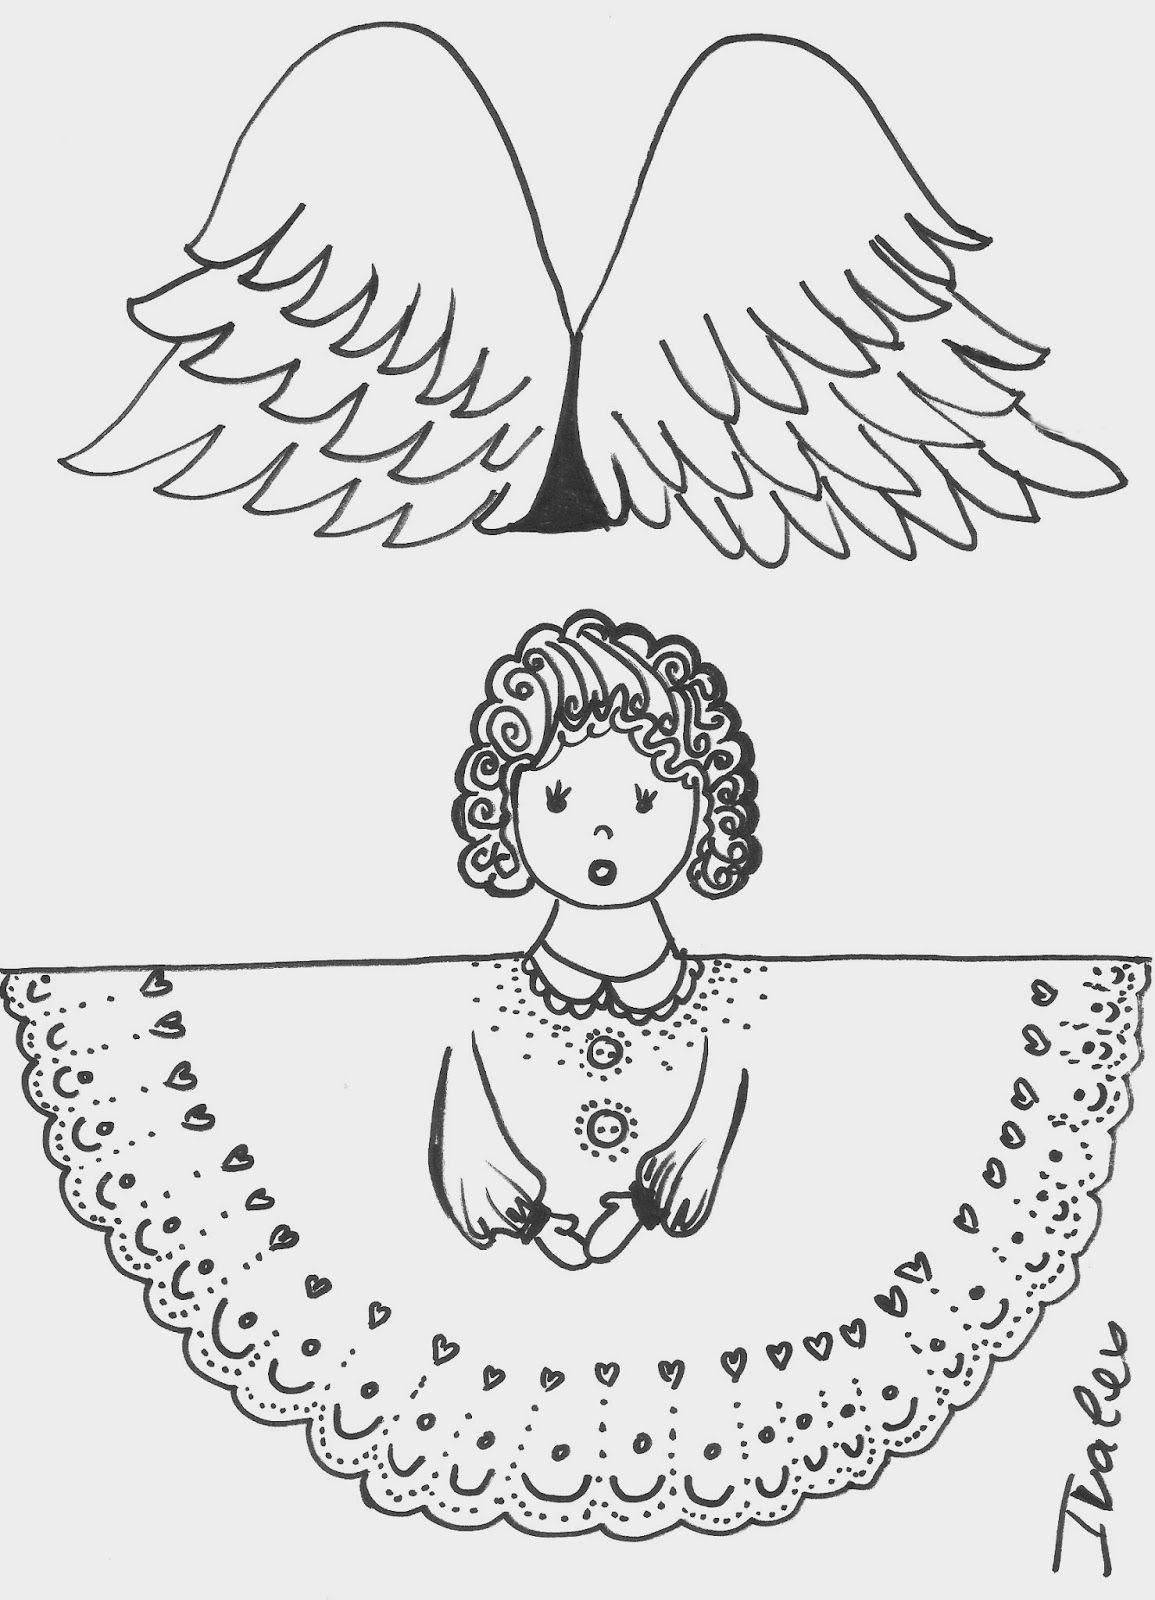 Christmas angel templates 3 ablony andlci christmas angel templates 3 ablony andlci pronofoot35fo Images